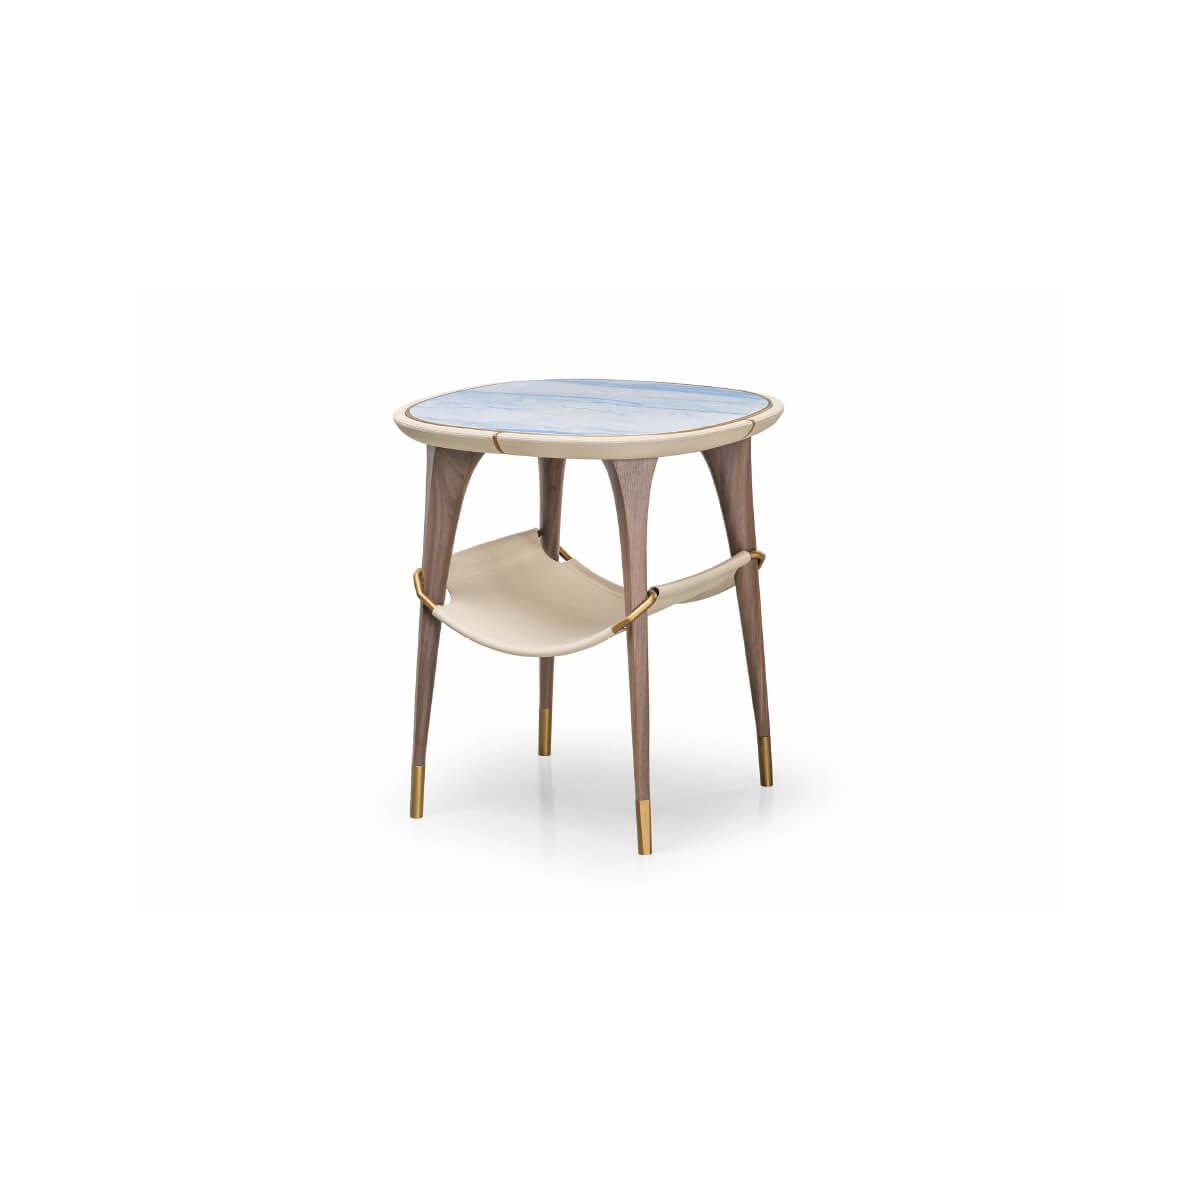 MELTING LIGHT SIDE TABLE